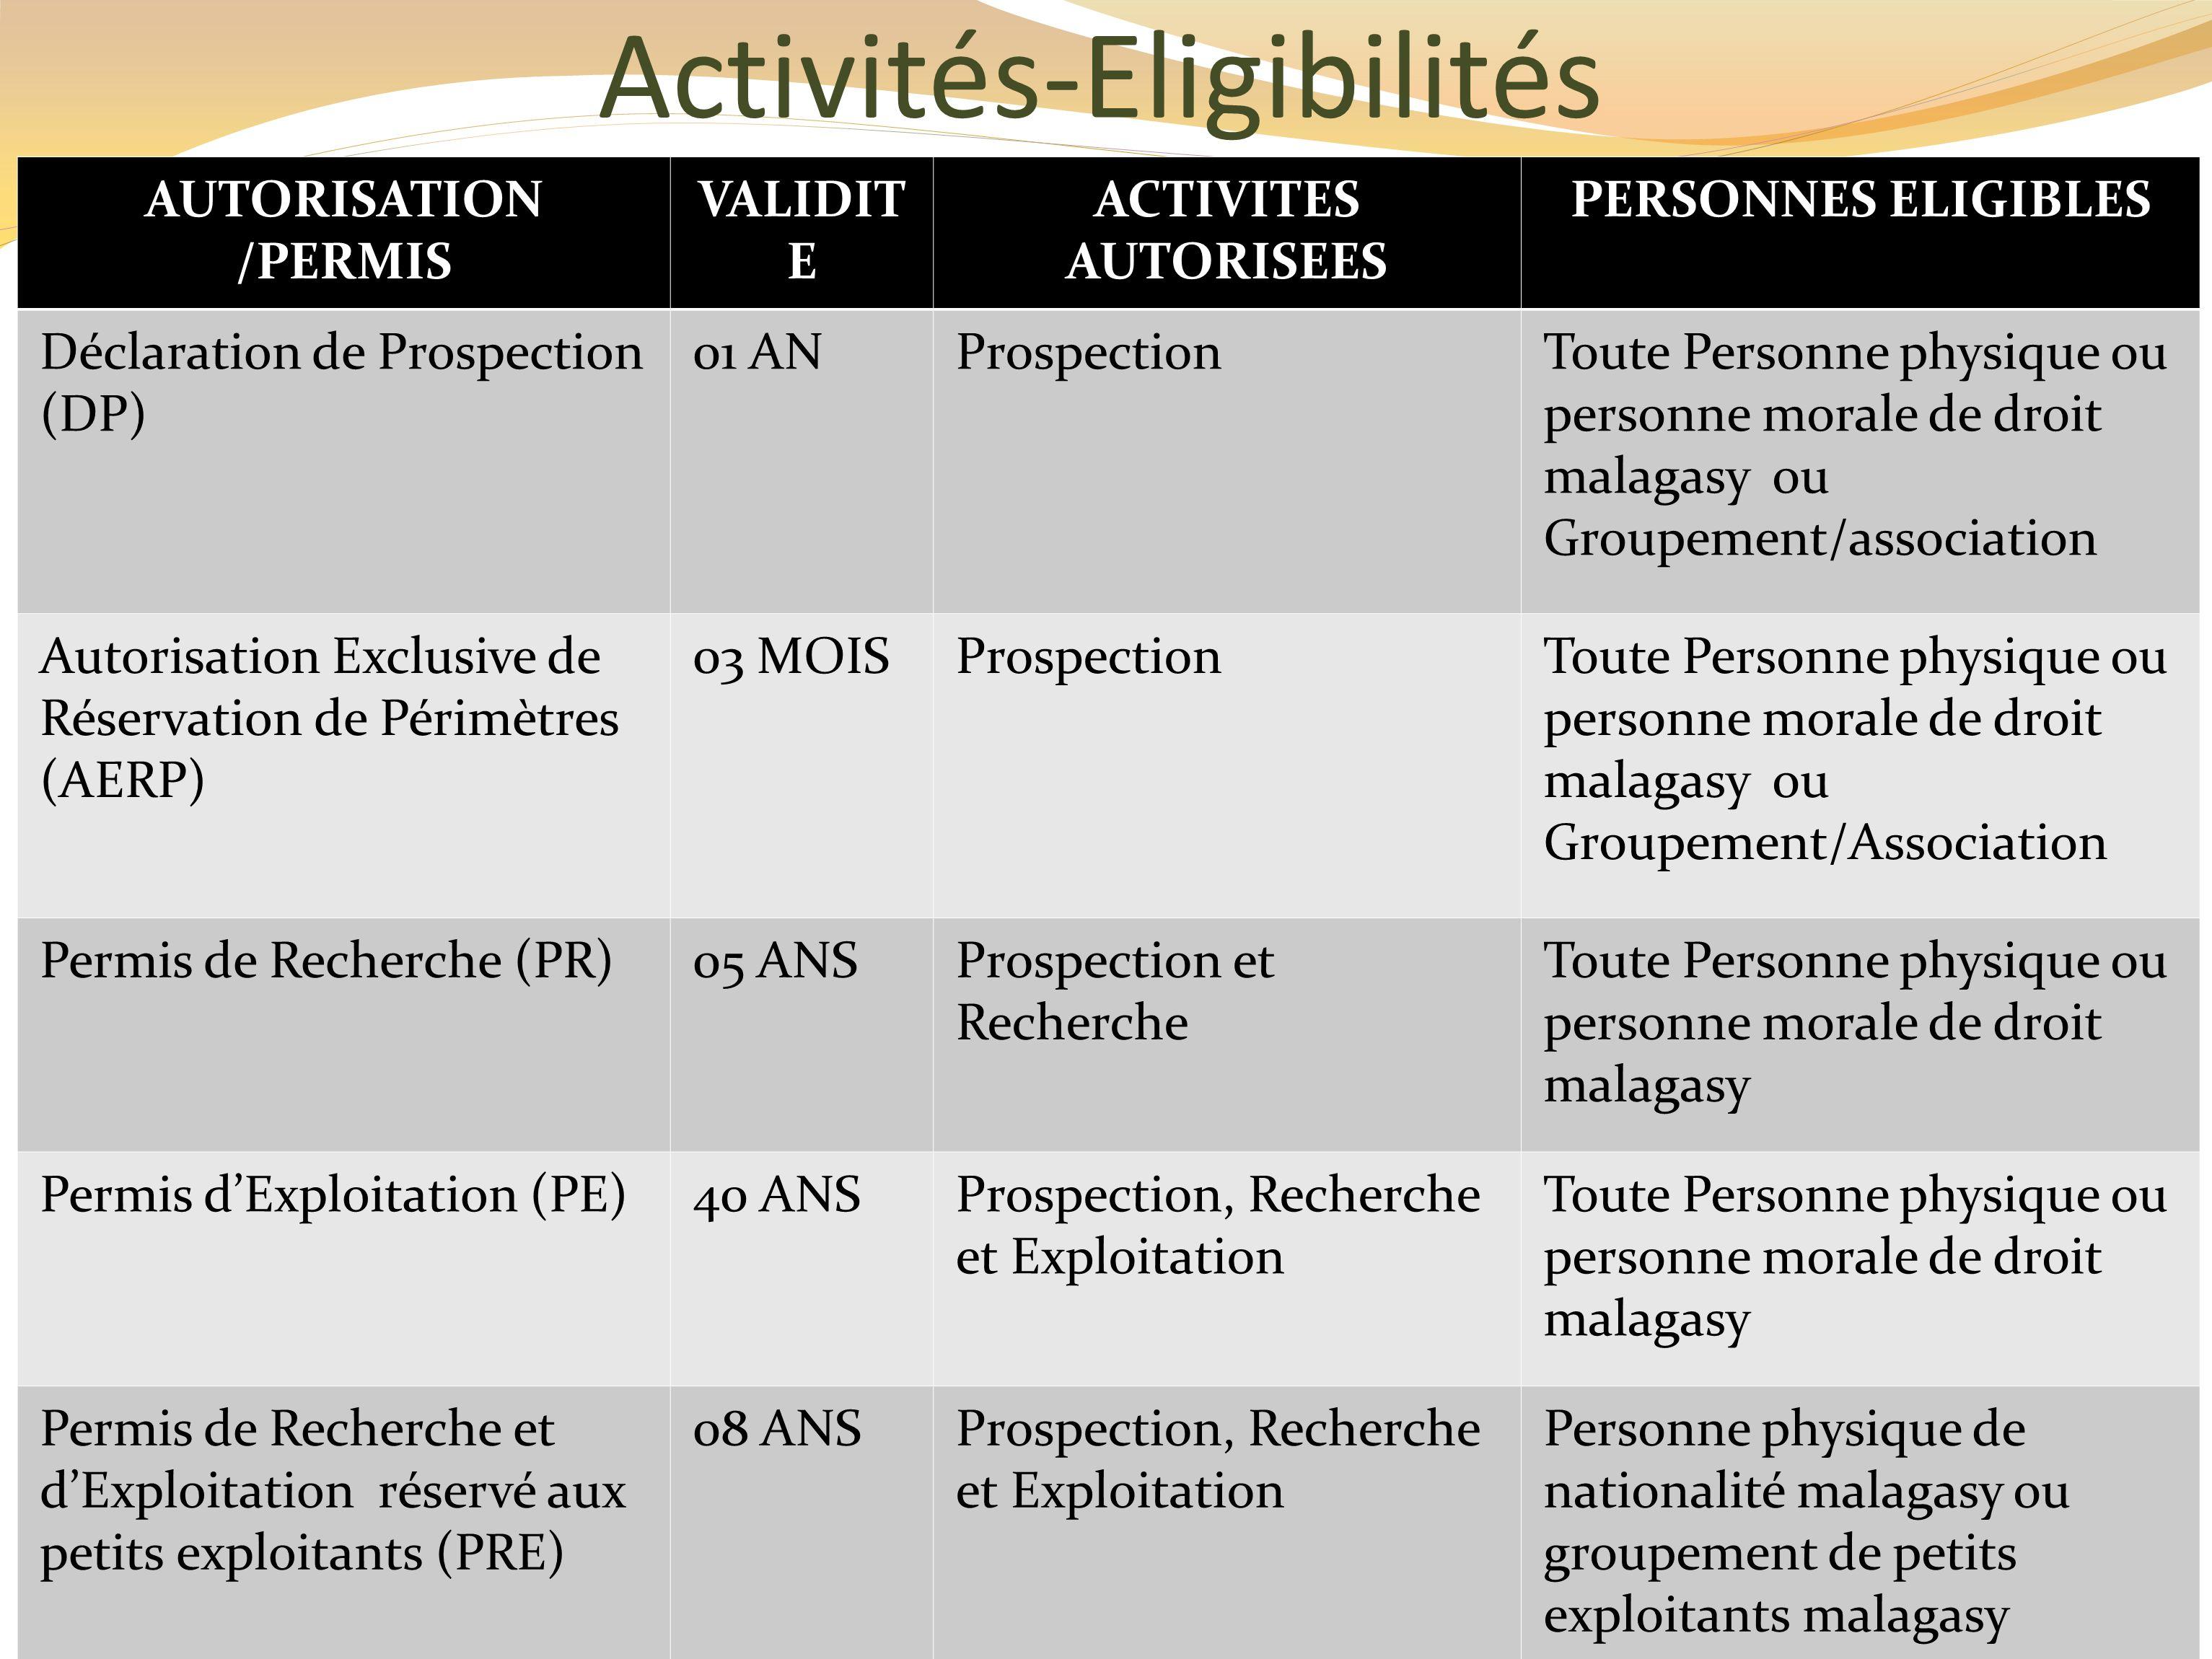 Activités-Eligibilités AUTORISATION /PERMIS VALIDIT E ACTIVITES AUTORISEES PERSONNES ELIGIBLES Déclaration de Prospection (DP) 01 ANProspectionToute Personne physique ou personne morale de droit malagasy ou Groupement/association Autorisation Exclusive de Réservation de Périmètres (AERP) 03 MOISProspectionToute Personne physique ou personne morale de droit malagasy ou Groupement/Association Permis de Recherche (PR)05 ANSProspection et Recherche Toute Personne physique ou personne morale de droit malagasy Permis dExploitation (PE)40 ANSProspection, Recherche et Exploitation Toute Personne physique ou personne morale de droit malagasy Permis de Recherche et dExploitation réservé aux petits exploitants (PRE) 08 ANSProspection, Recherche et Exploitation Personne physique de nationalité malagasy ou groupement de petits exploitants malagasy